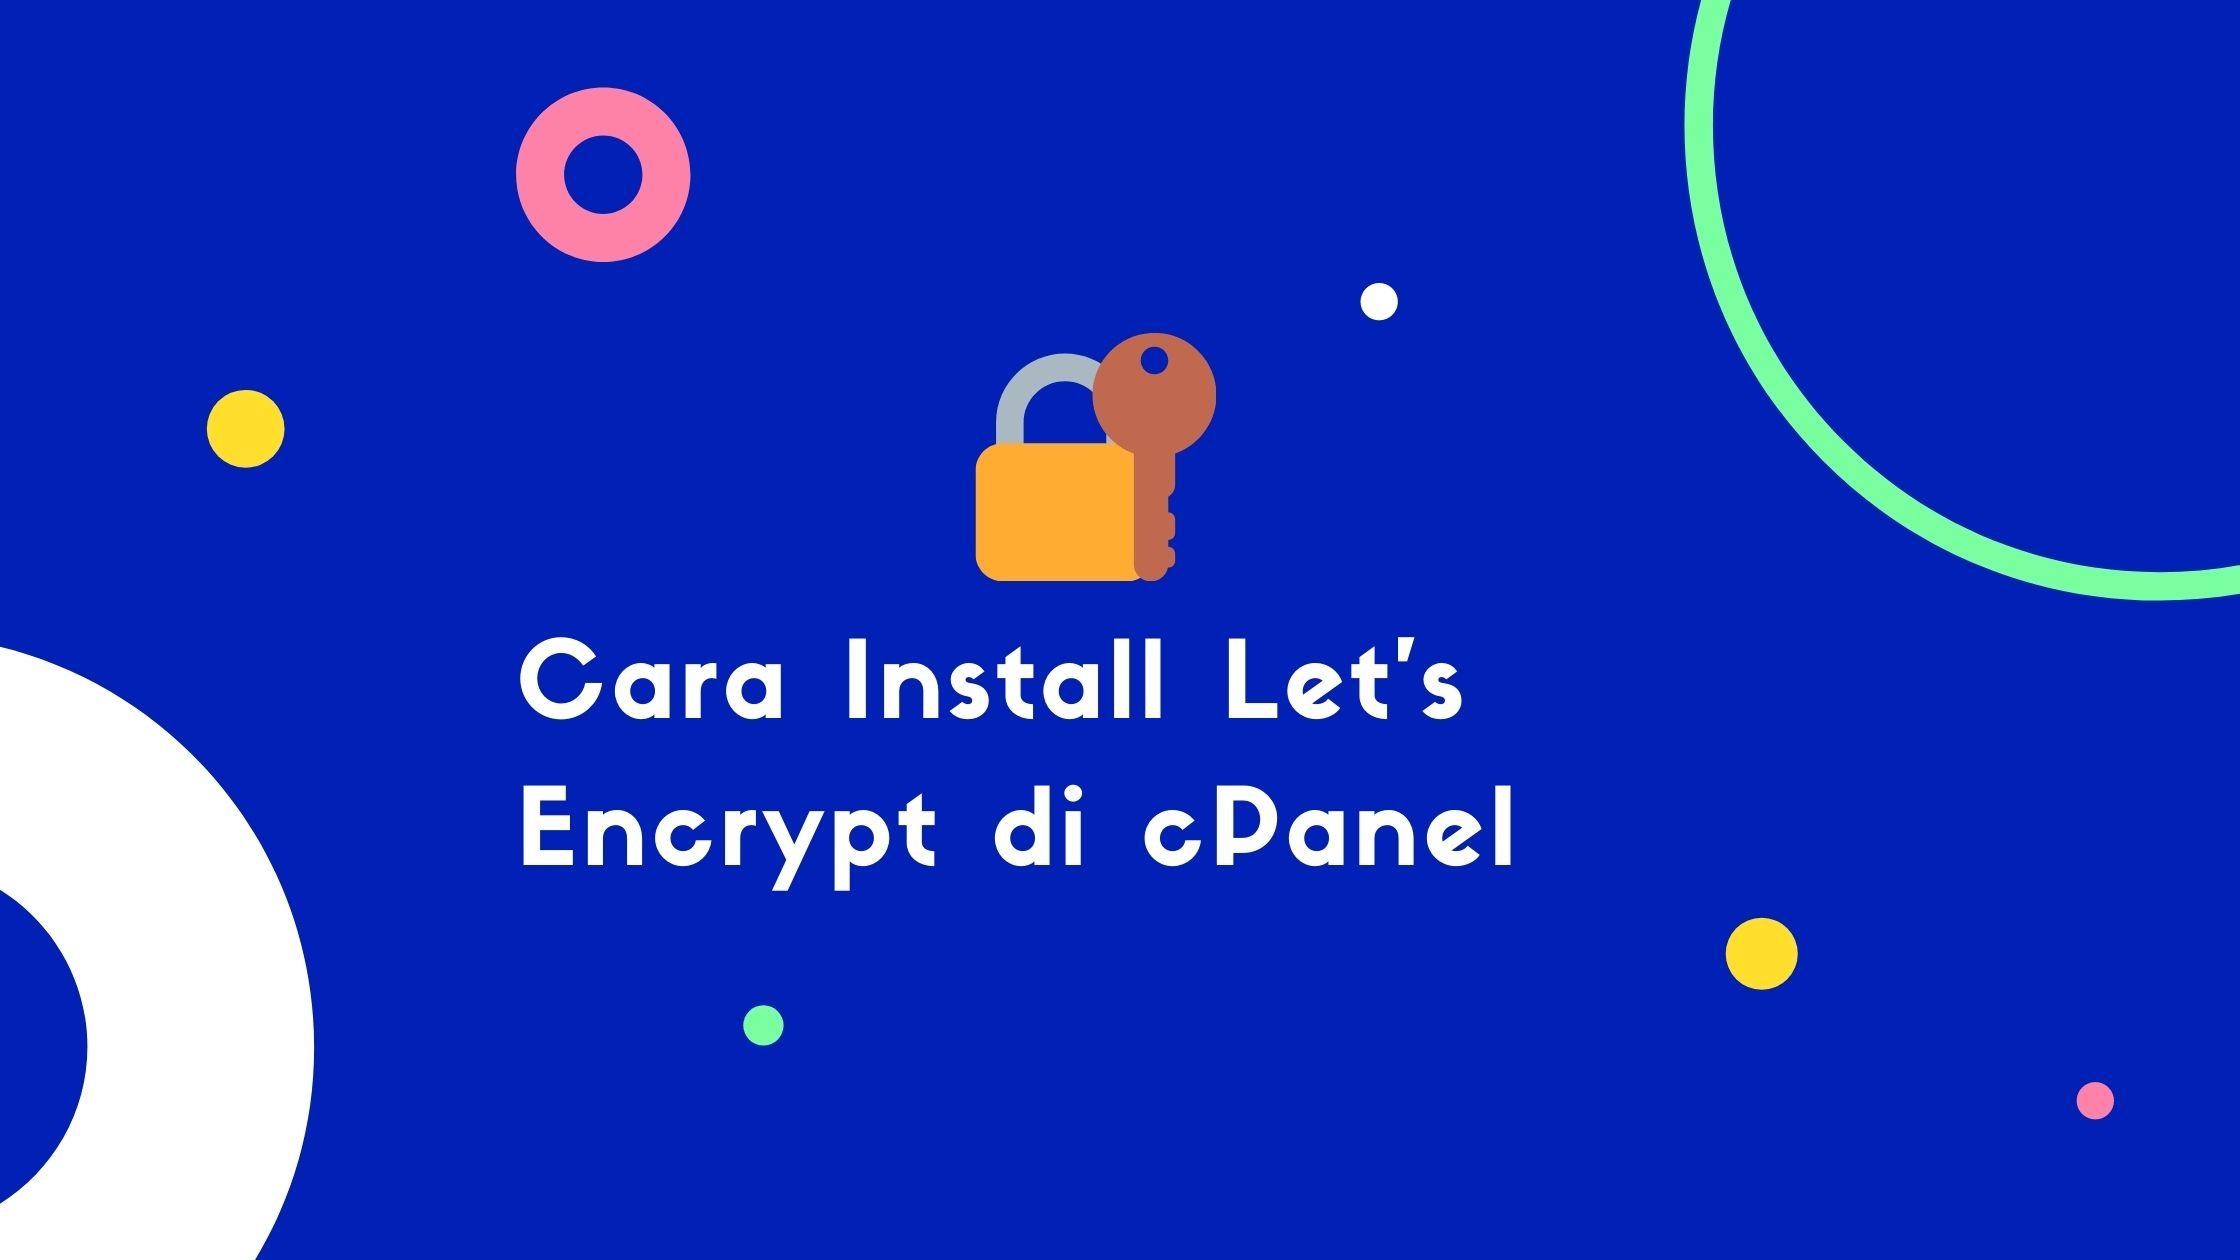 Cara Install Let's Encrypt di cPanel dengan Mudah